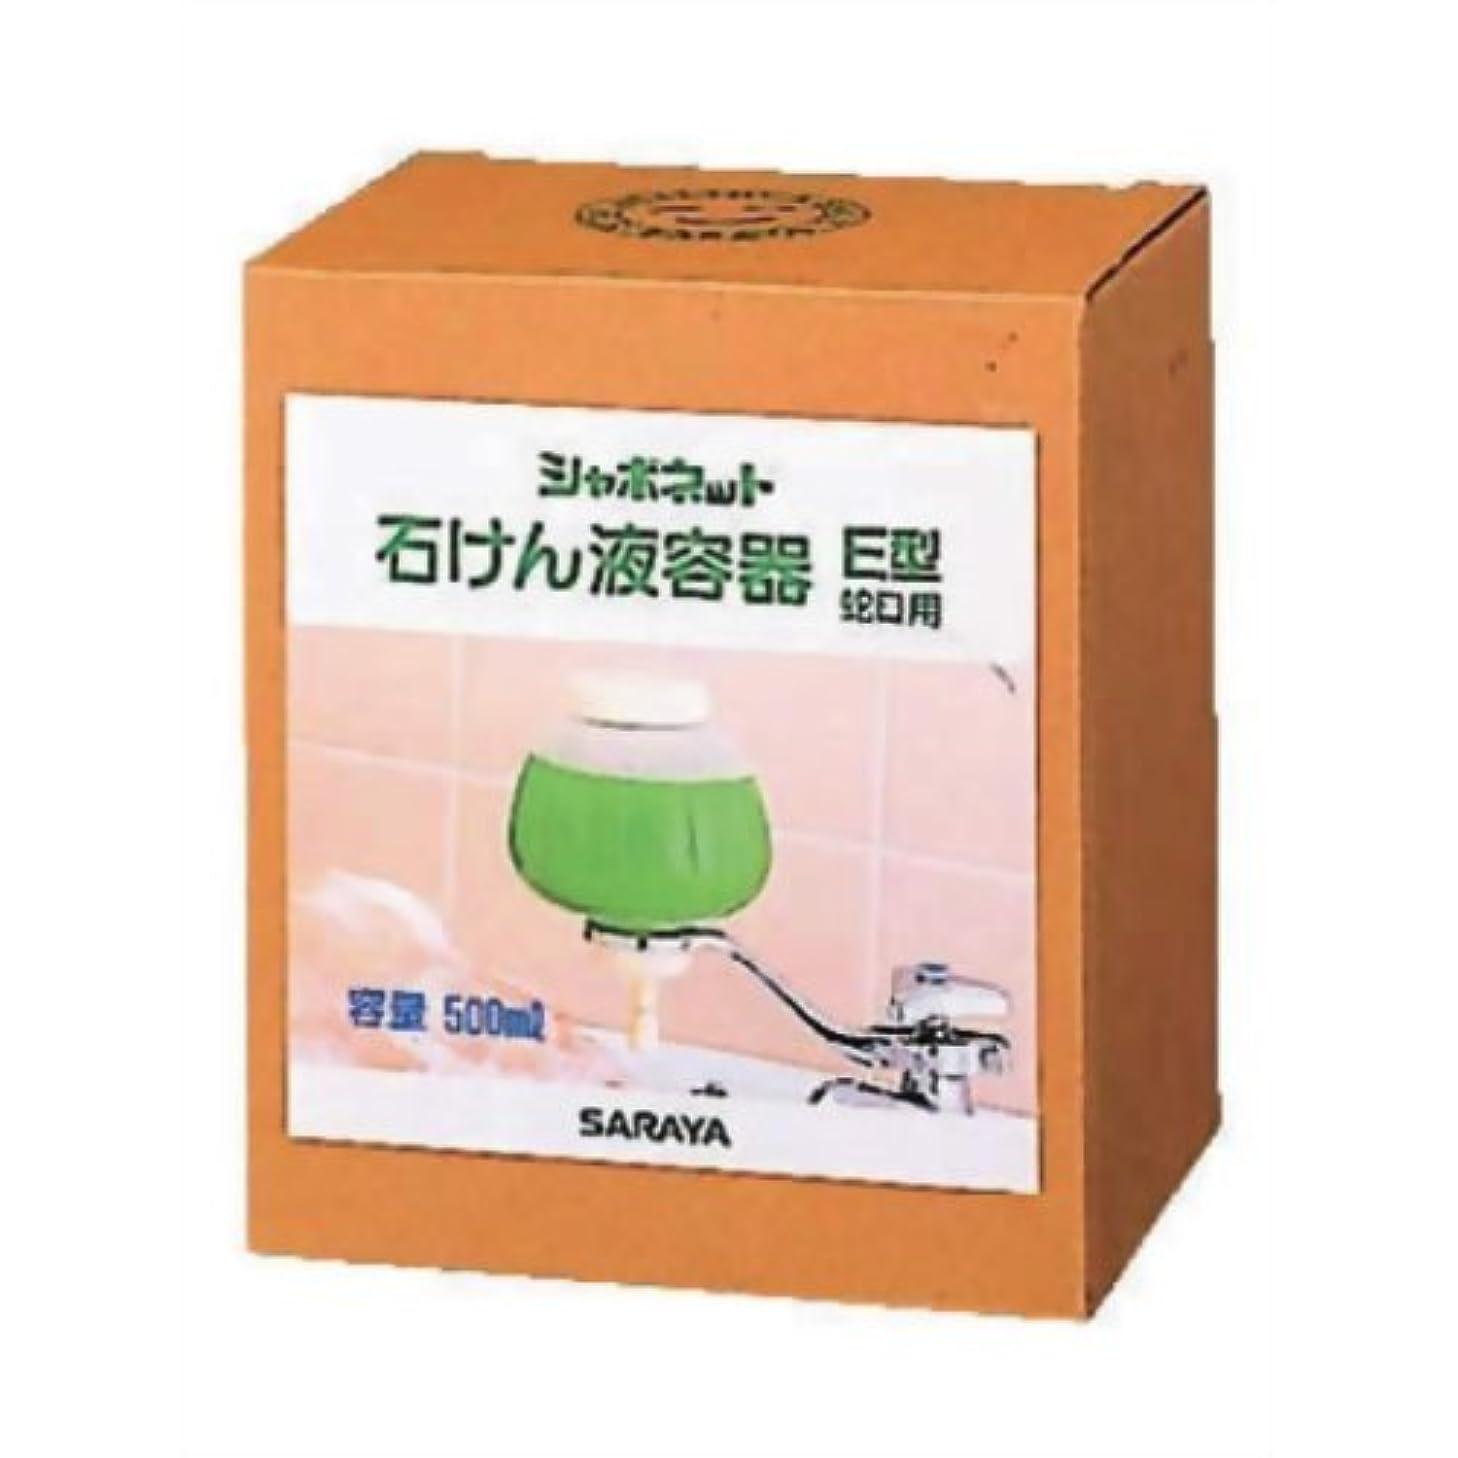 重大よろめく複製するシャボネット 石鹸液容器 E型蛇口用 500ml